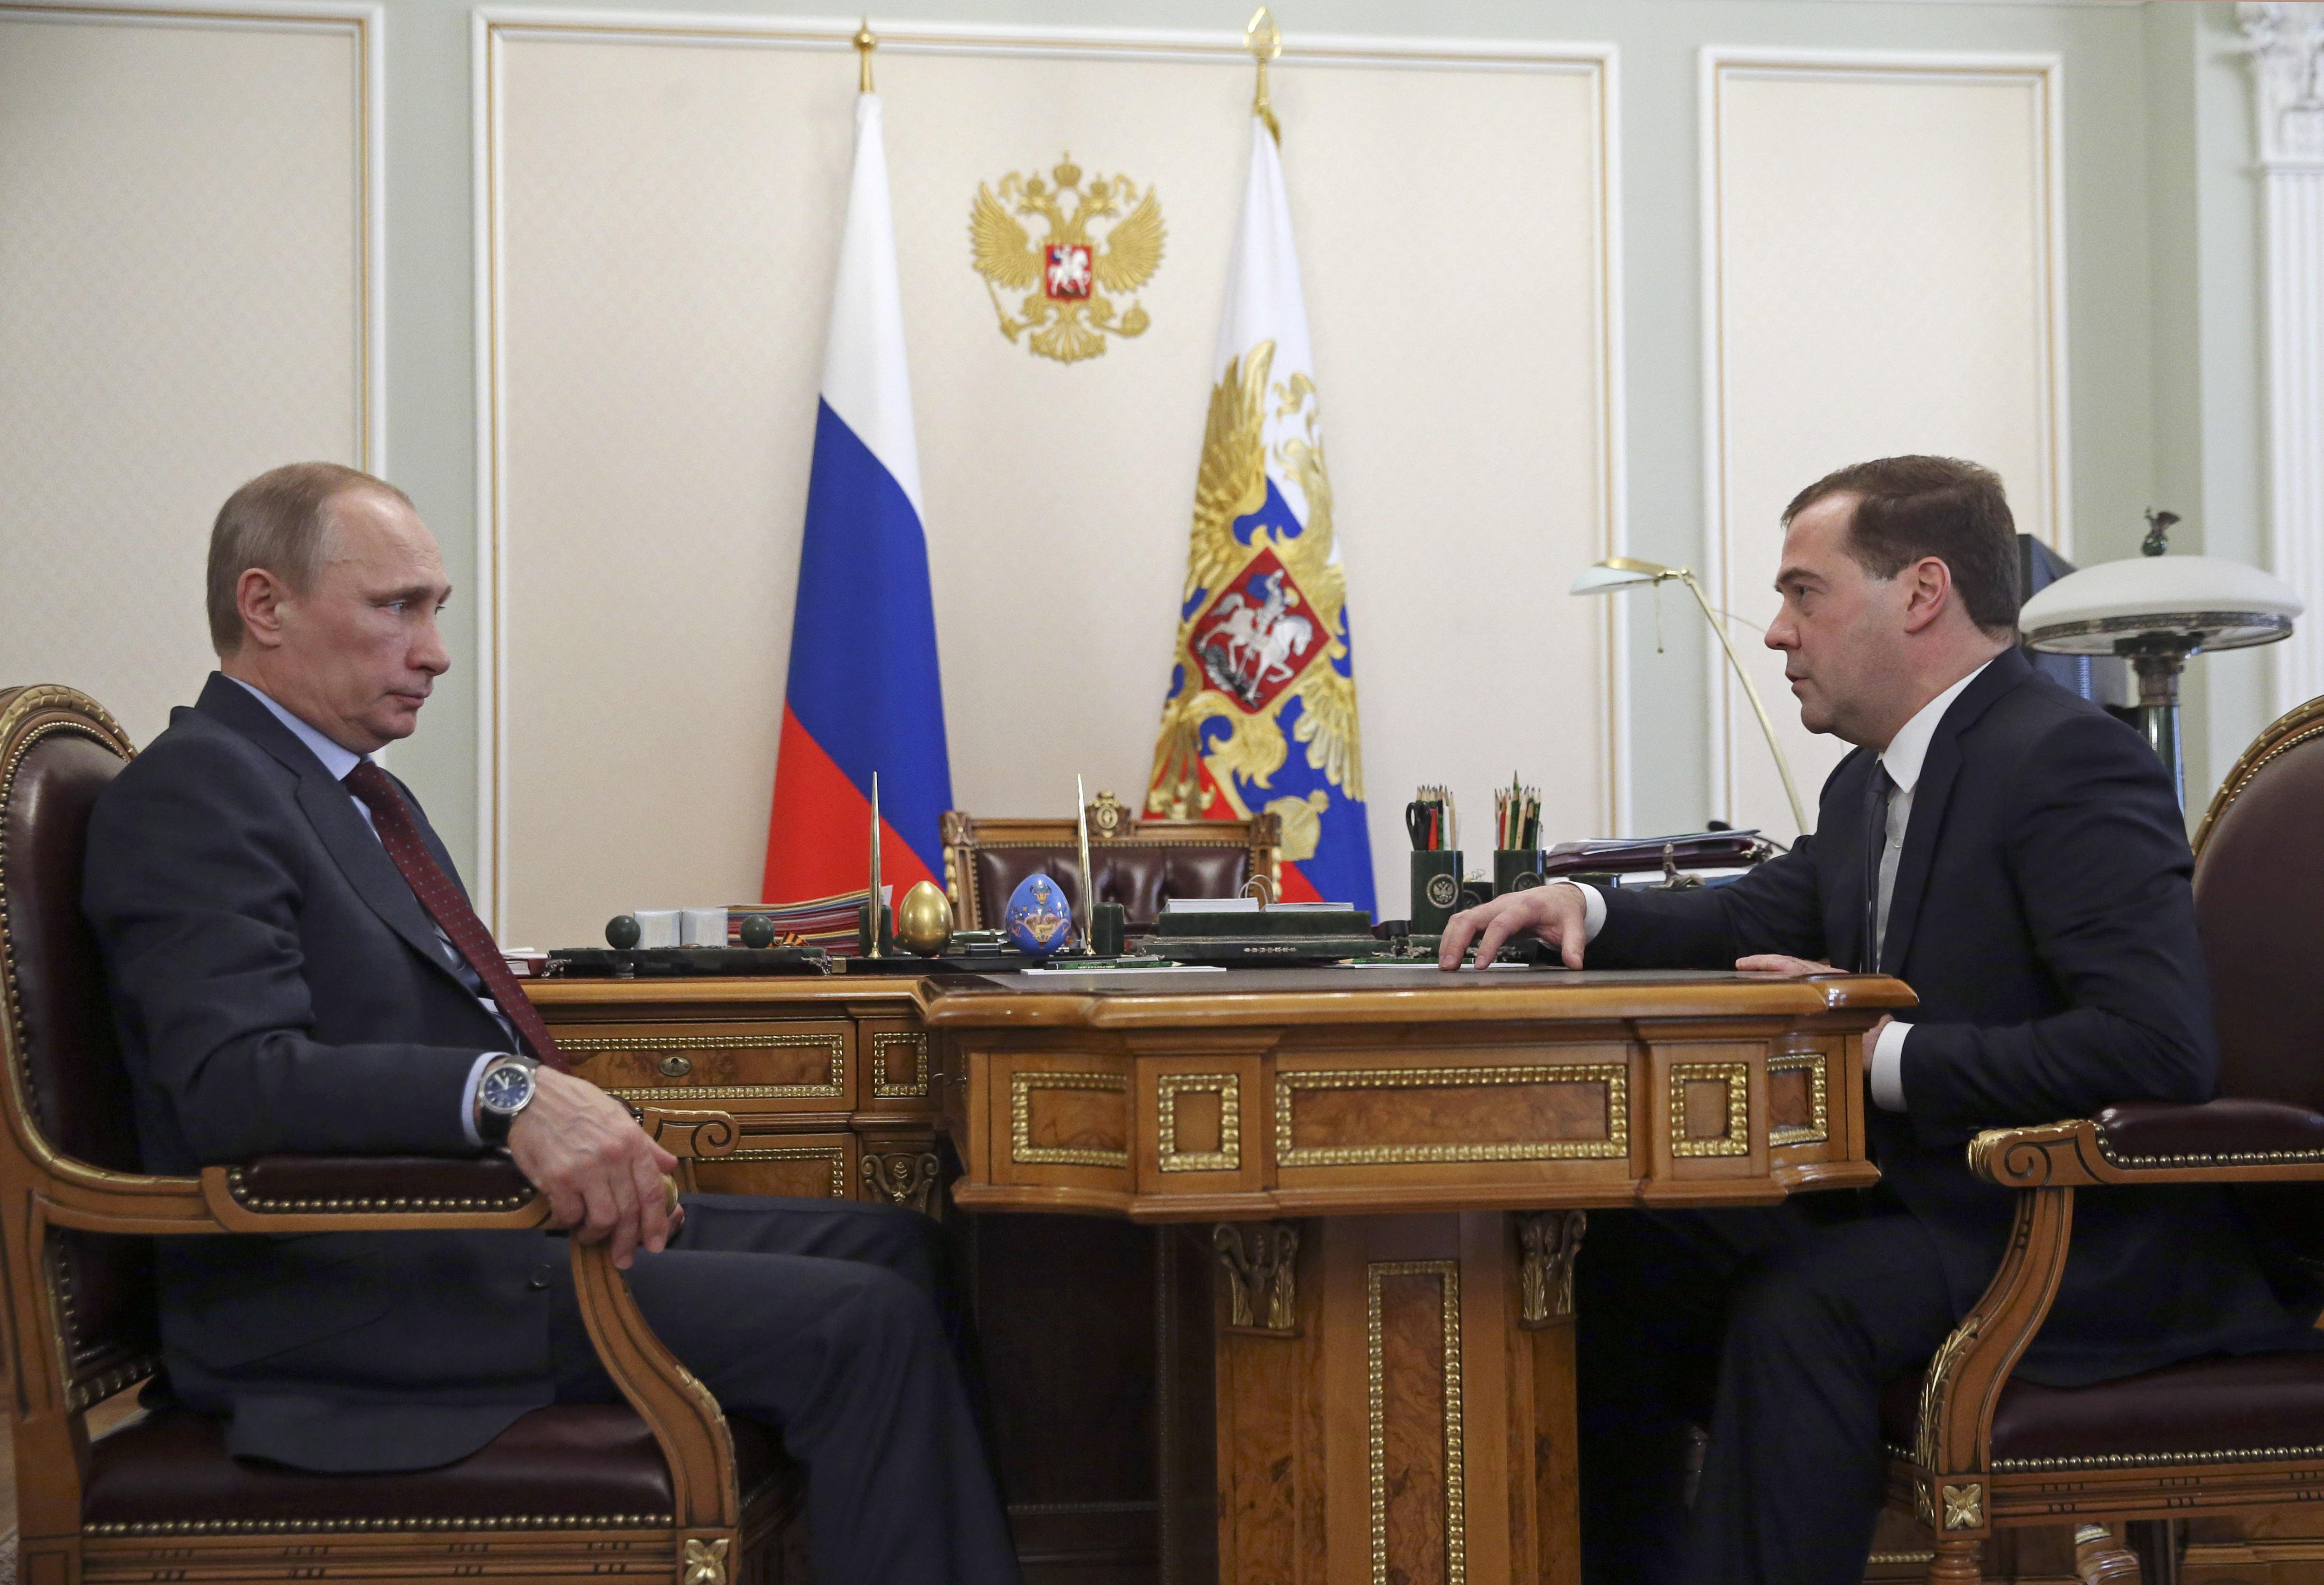 Встреча Владимира Путина с Дмитрием Медведевым